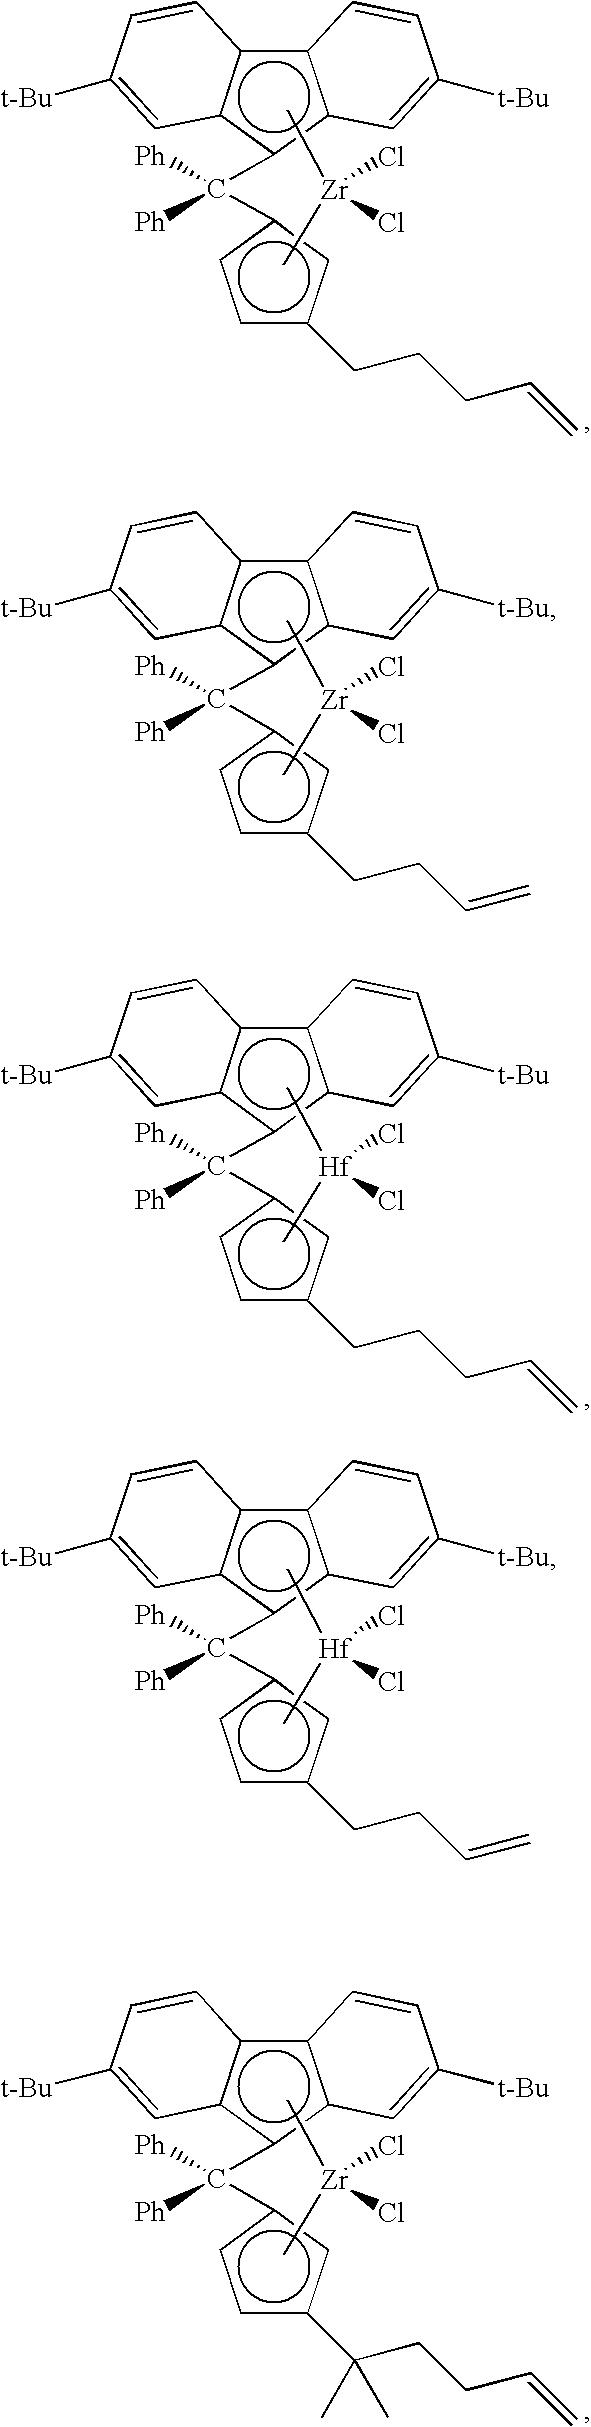 Figure US07517939-20090414-C00018